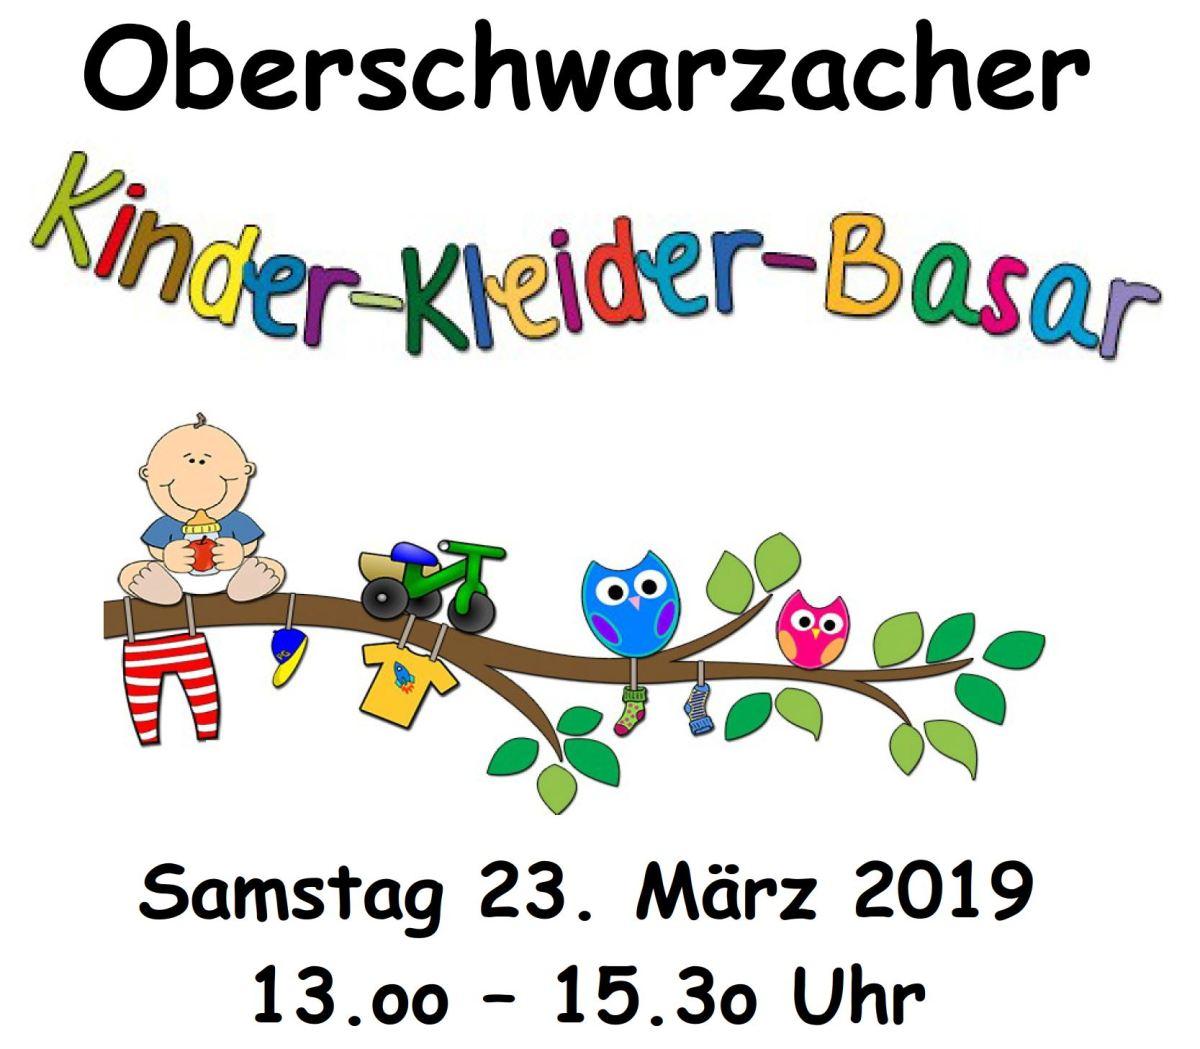 Schnäppchen - 5. Oberschwarzacher Kinder-Kleider-Basar – Samstag 23. März